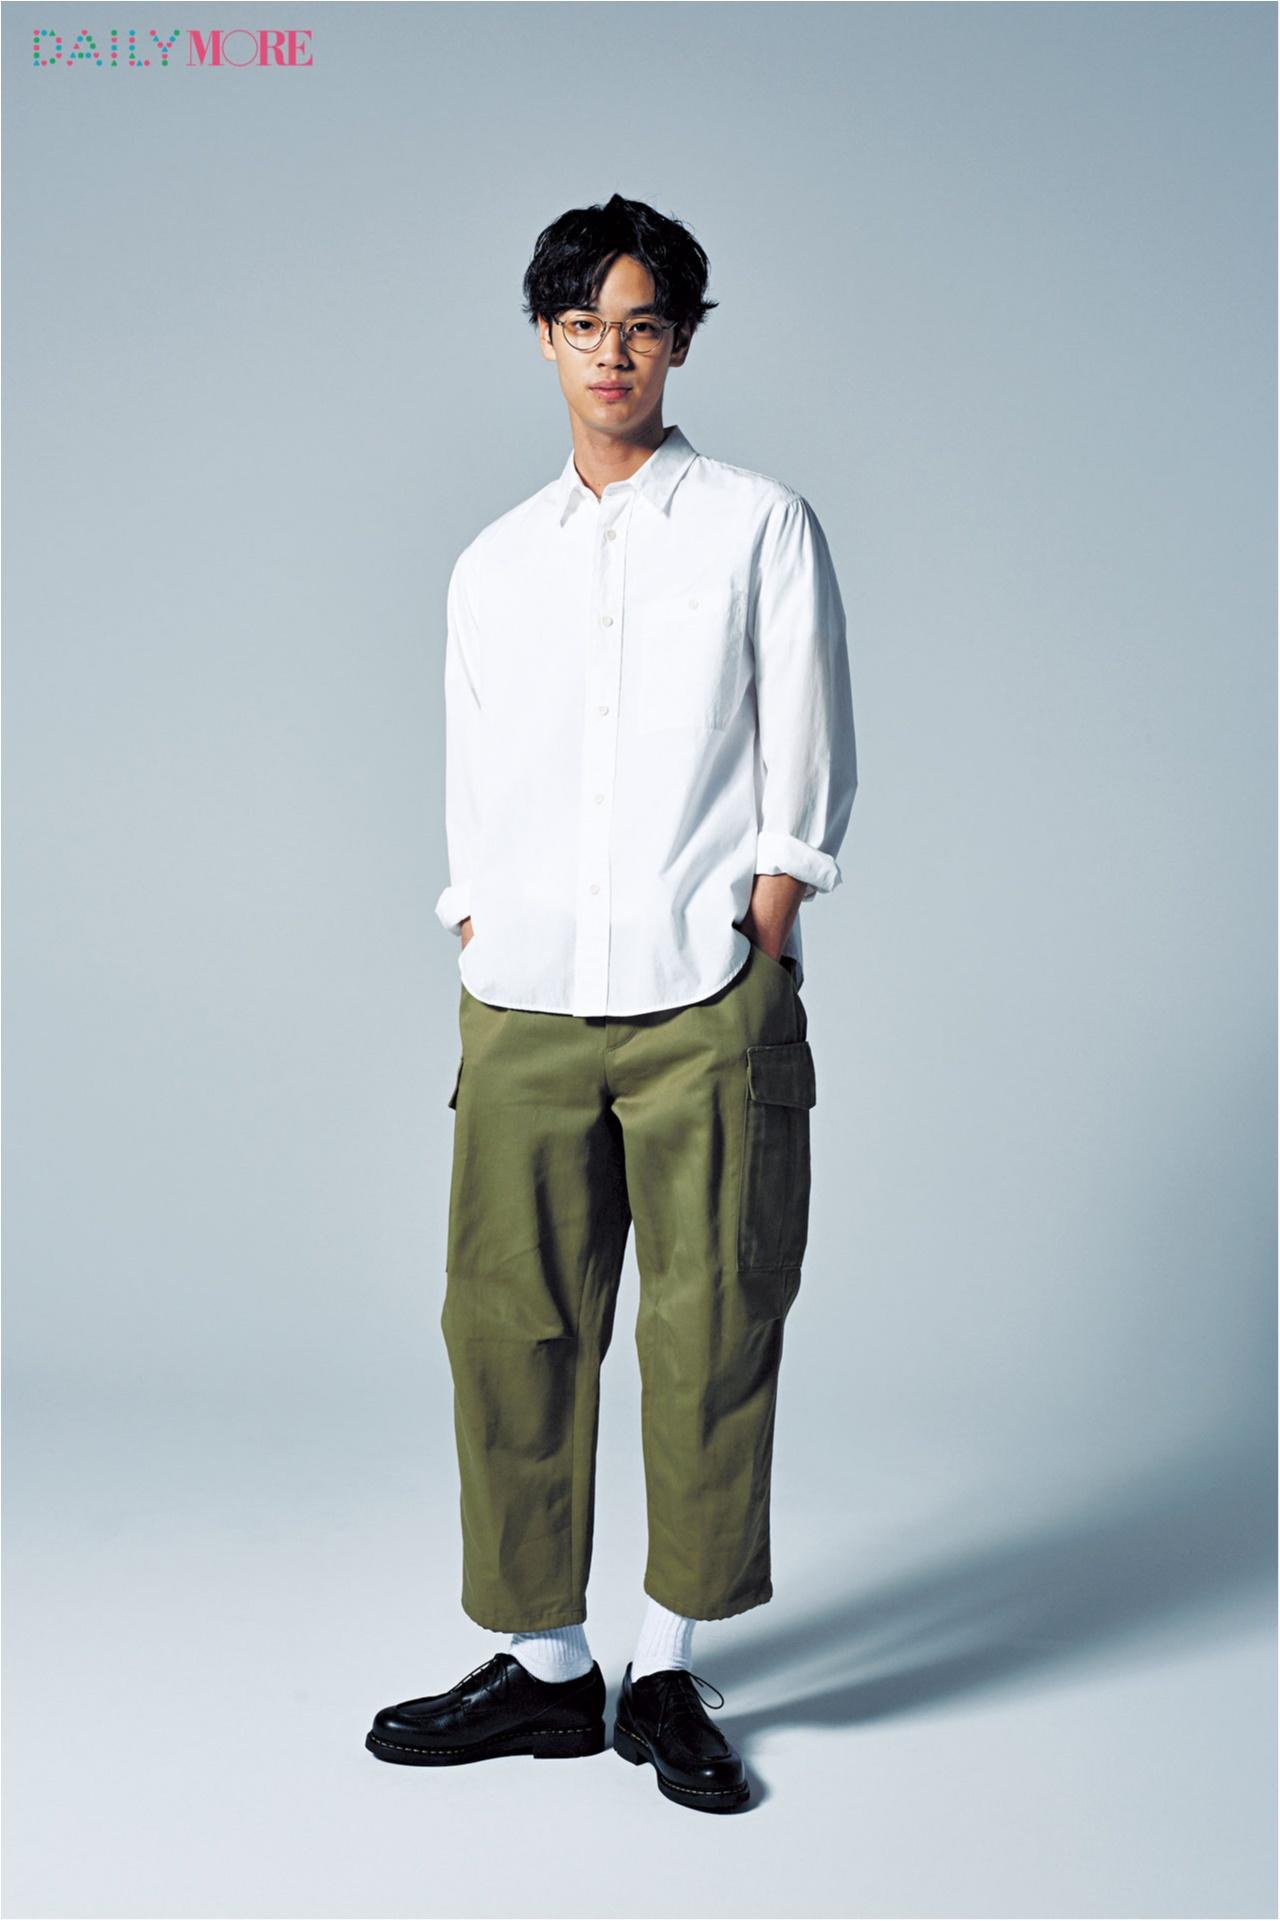 【彼のファッションにお困りのあなた!】モア世代男子にふさわしい「シンプルだけどこなれてる」コーデをメンズスタイリストが伝授します☆_2_1